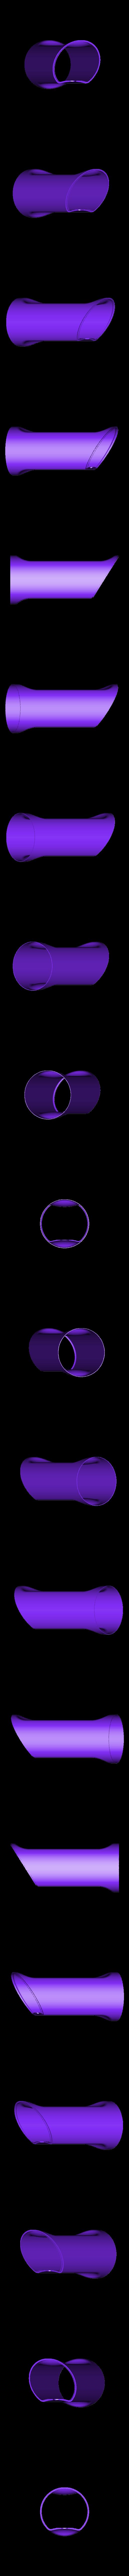 Light body.stl Télécharger fichier STL gratuit Lampe LED RGB • Objet à imprimer en 3D, dukedoks